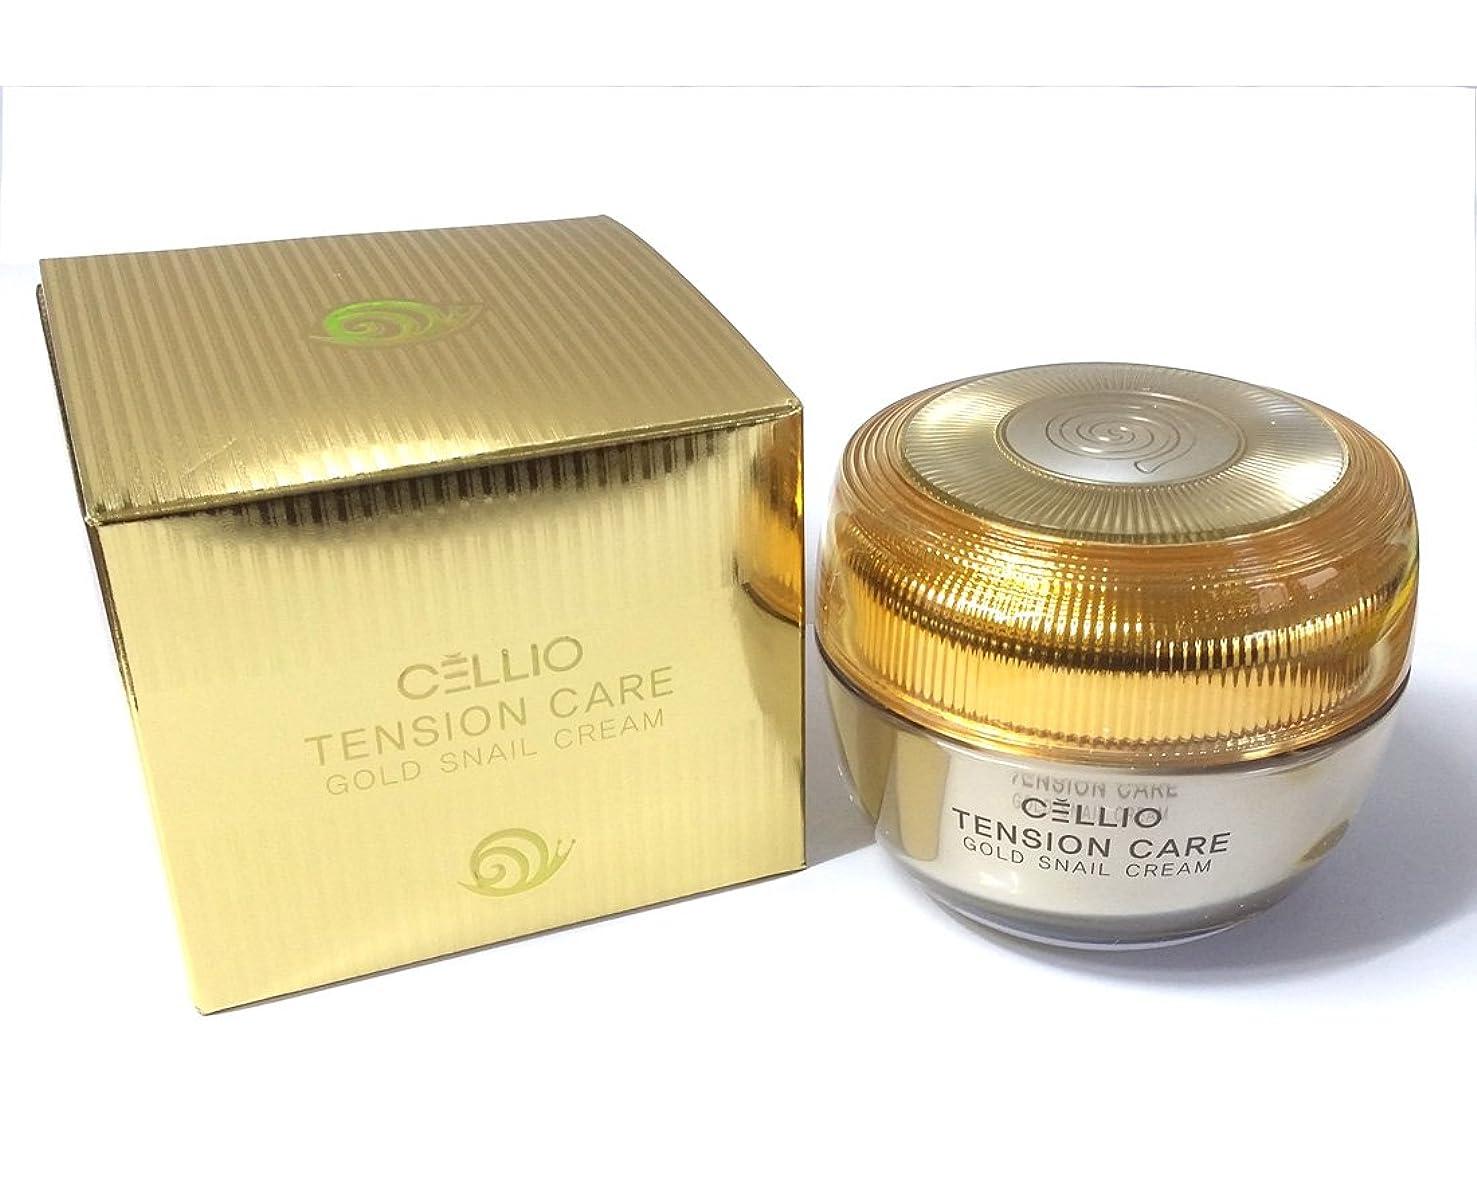 たくさん同等のキネマティクス[Cellio] テンションケアゴールドカタツムリクリーム50ml / カタツムリ粘液 / リニューアル、弾力 / Tension care gold snail cream 50ml / Snail mucus / Renewal, elasticity / 韓国化粧品 / Korean Cosmetics [並行輸入品]